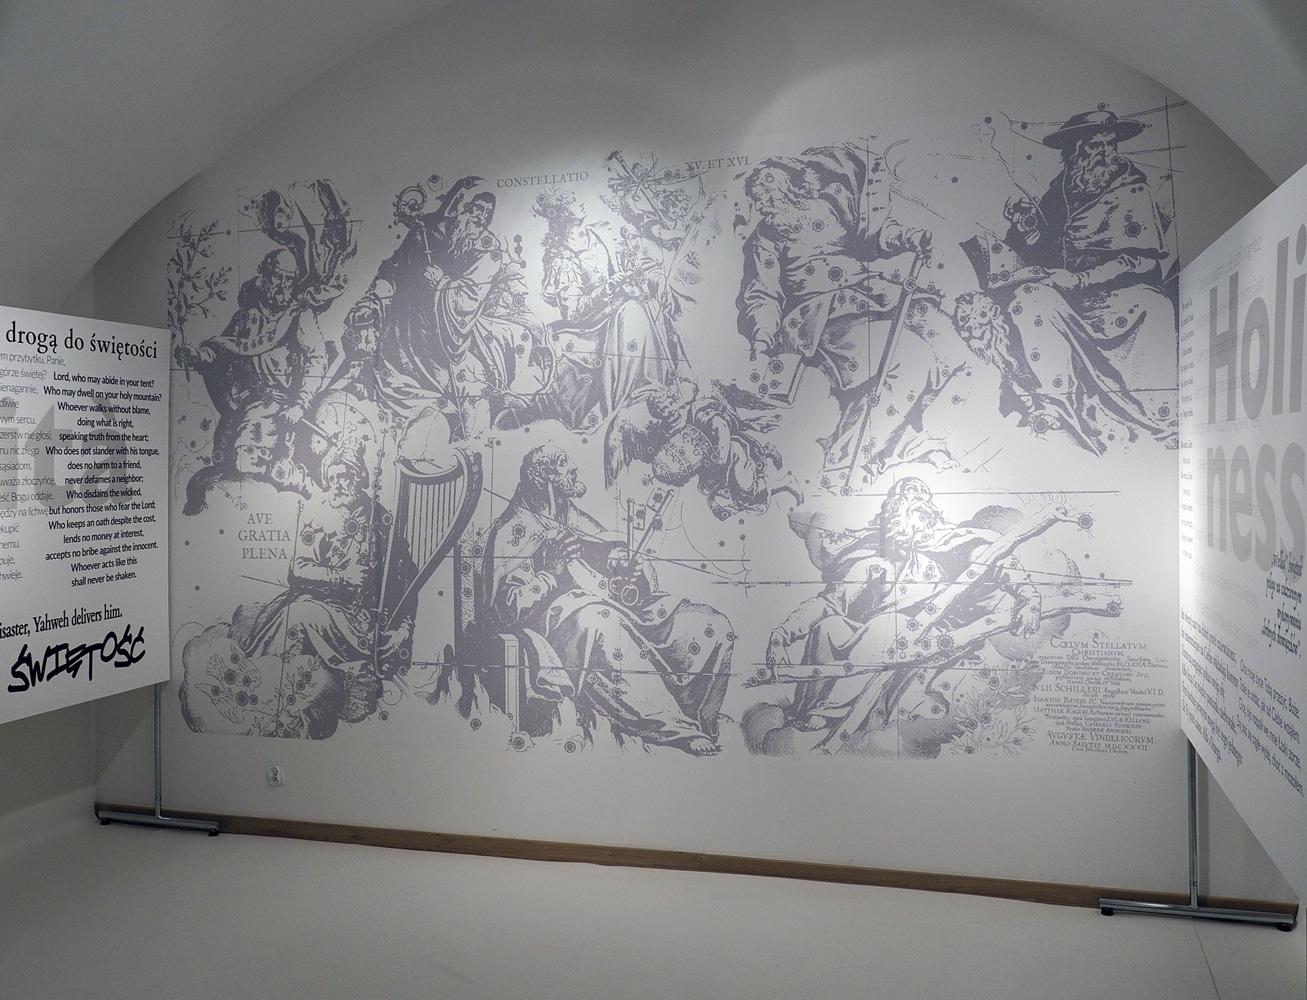 Tapeta - łatwa do montażu i usunięcia. Muzeum Uniwersytetu Jagiellońskiego w Krakowie